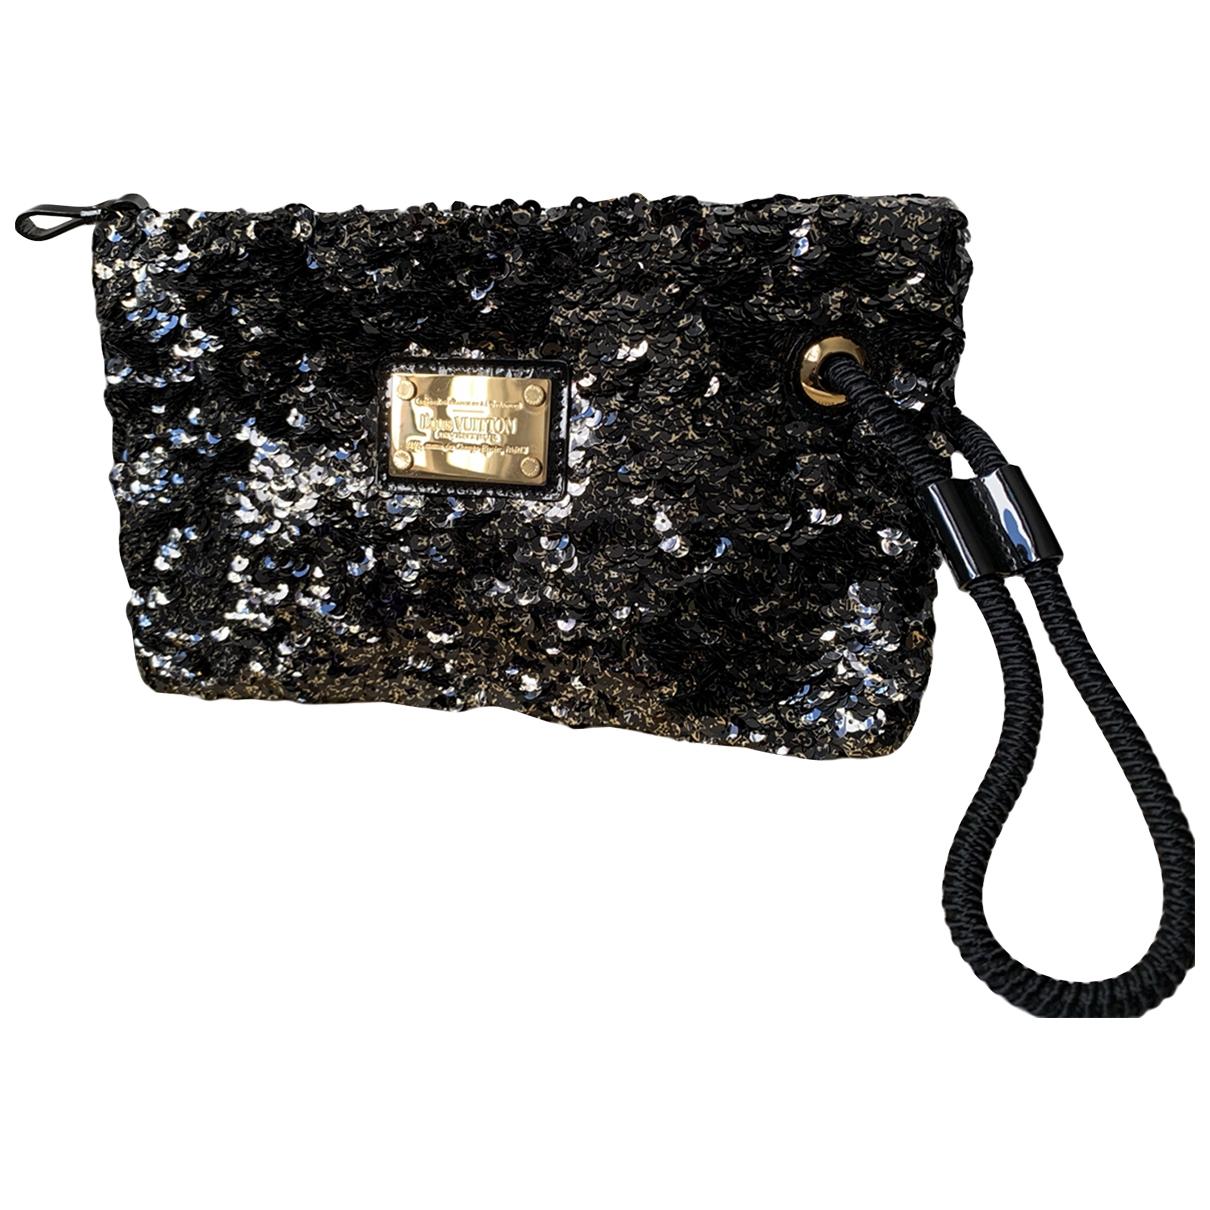 Louis Vuitton - Pochette   pour femme en a paillettes - noir